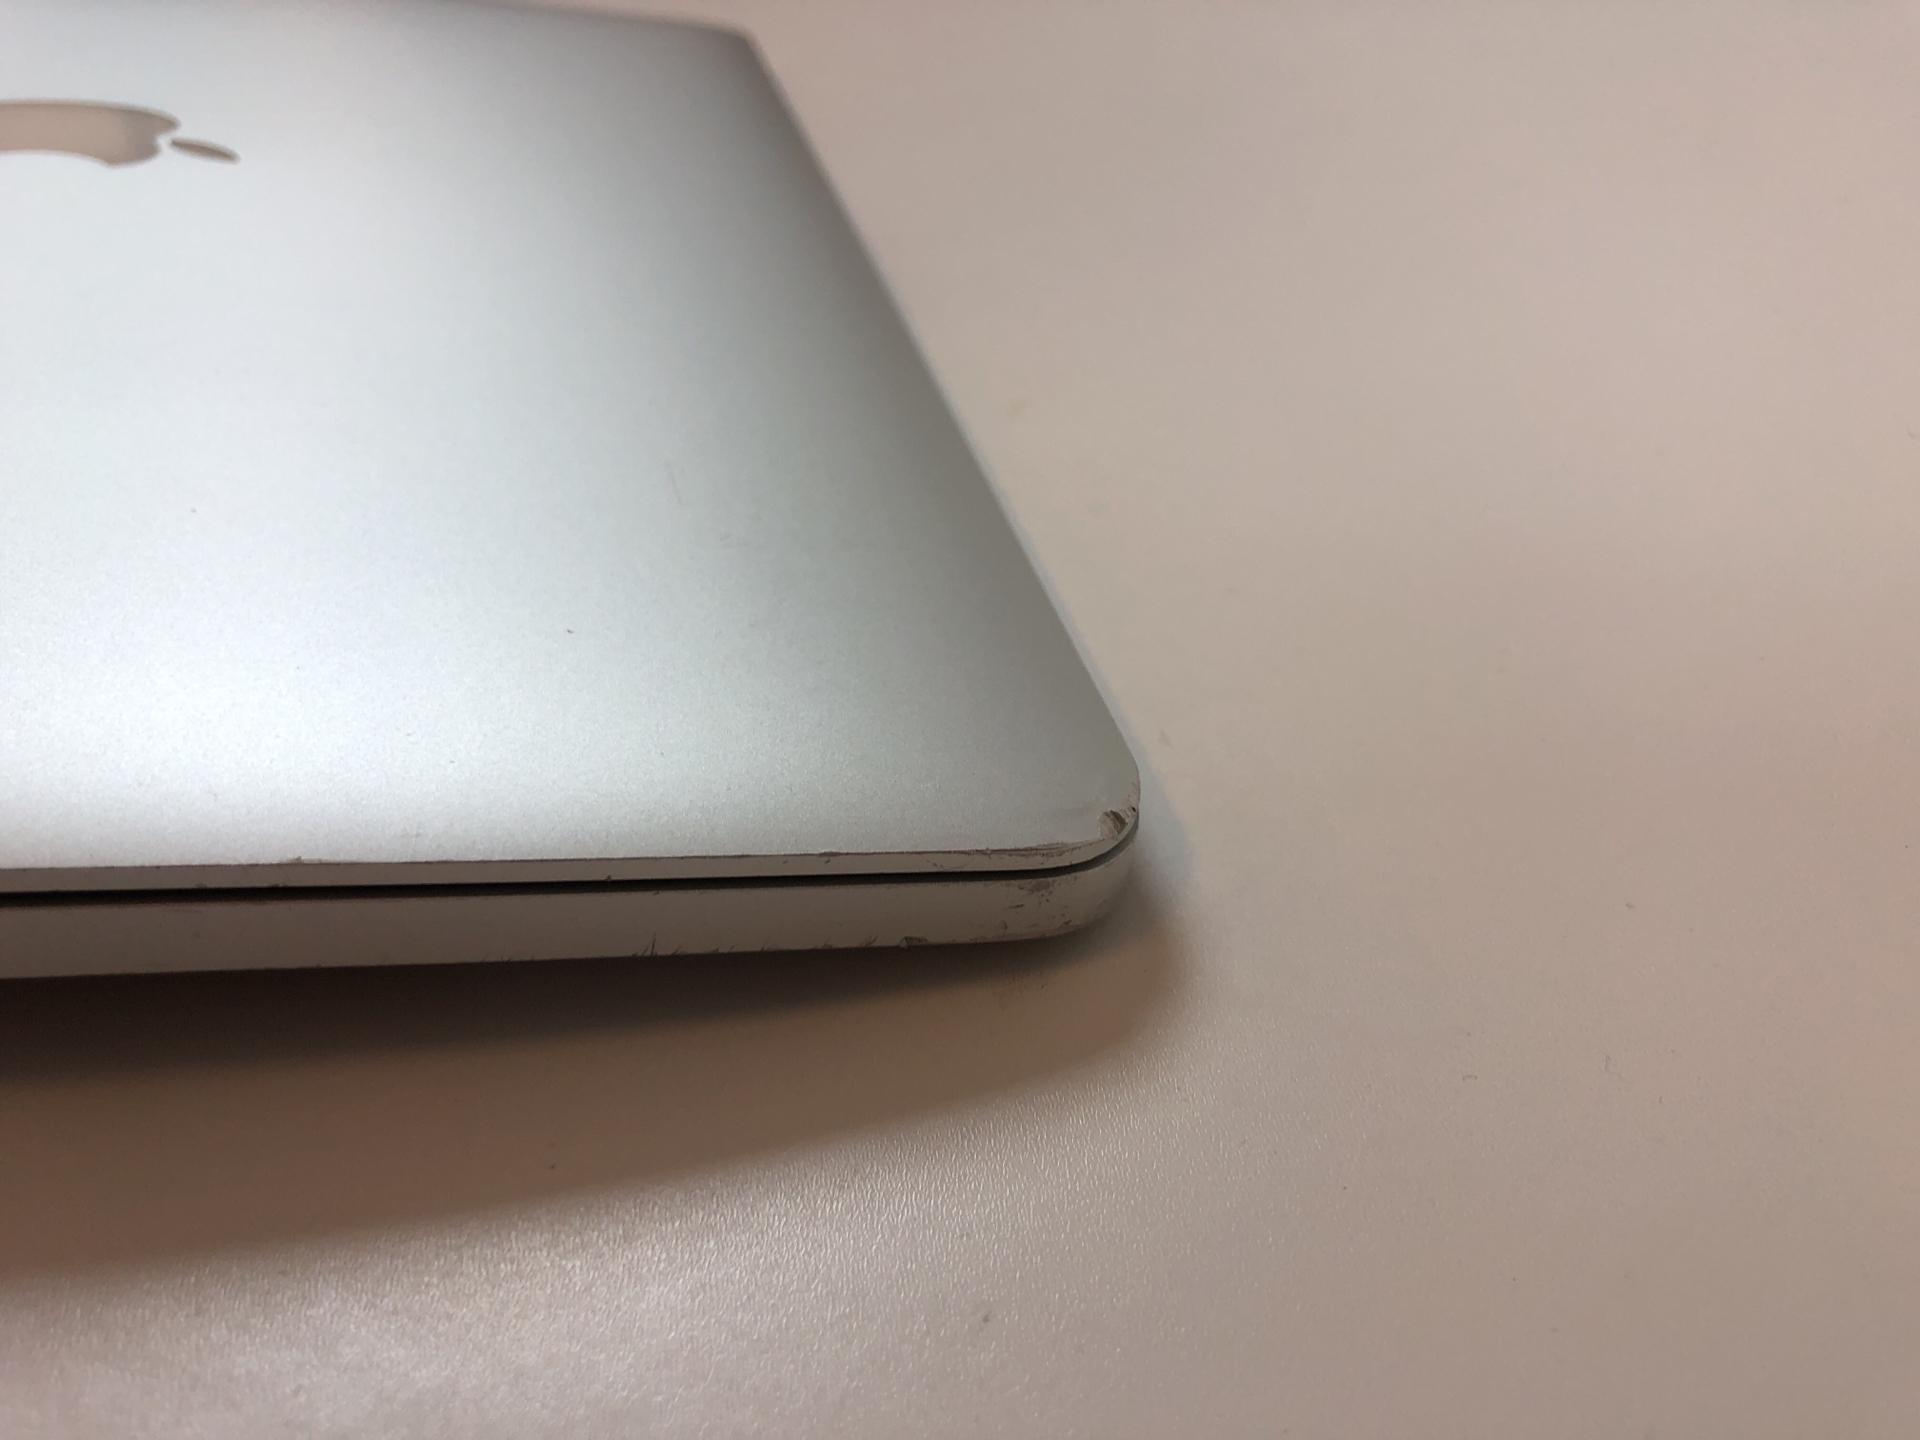 """MacBook Pro Retina 15"""" Mid 2014 (Intel Quad-Core i7 2.8 GHz 16 GB RAM 256 GB SSD), Intel Quad-Core i7 2.8 GHz, 16 GB RAM, 256 GB SSD, Bild 4"""